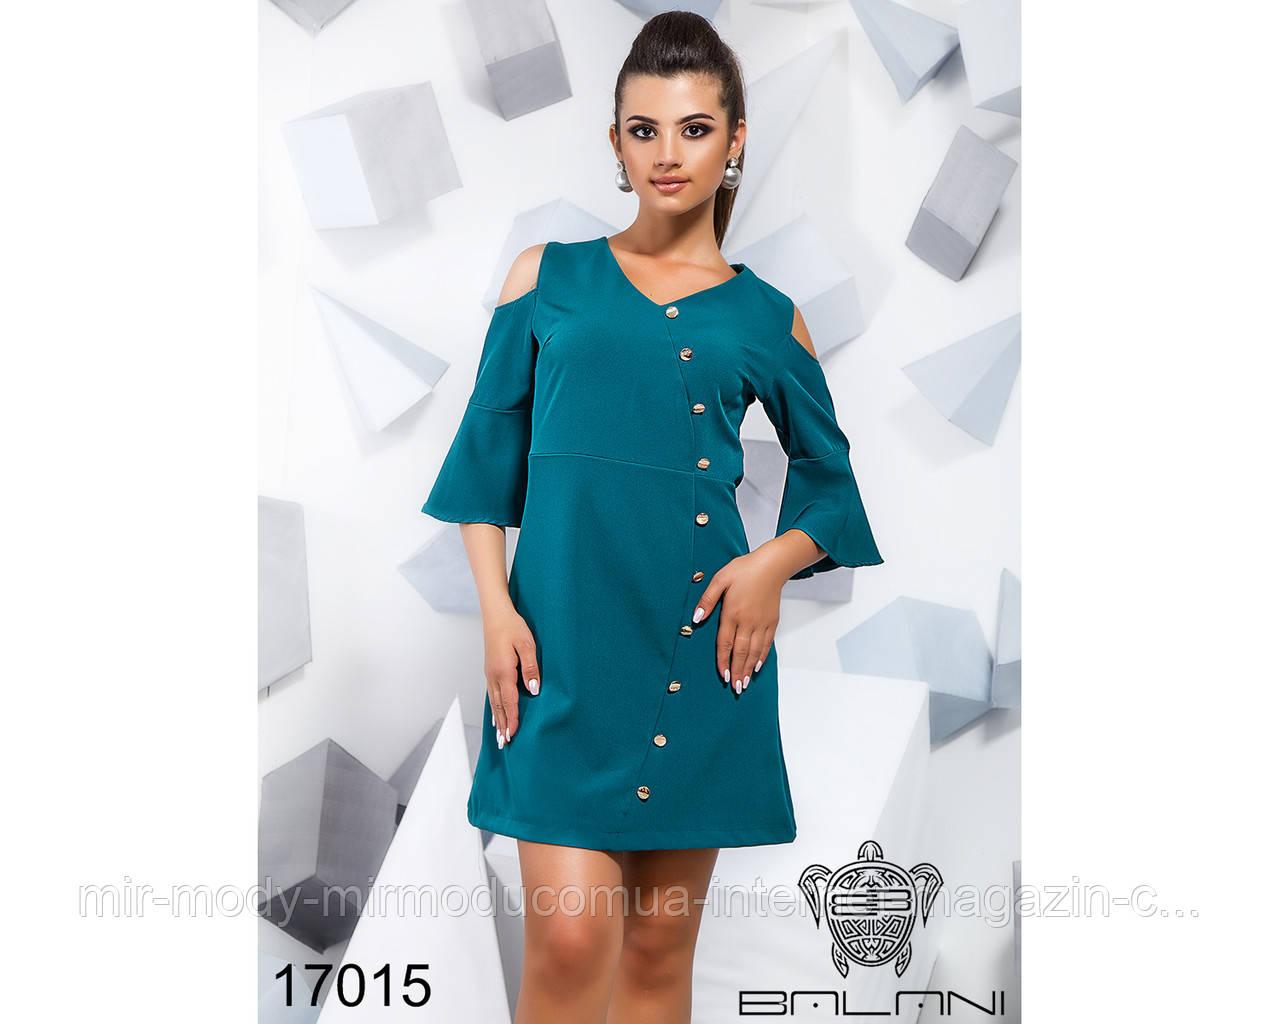 Элегантное платье - 17015